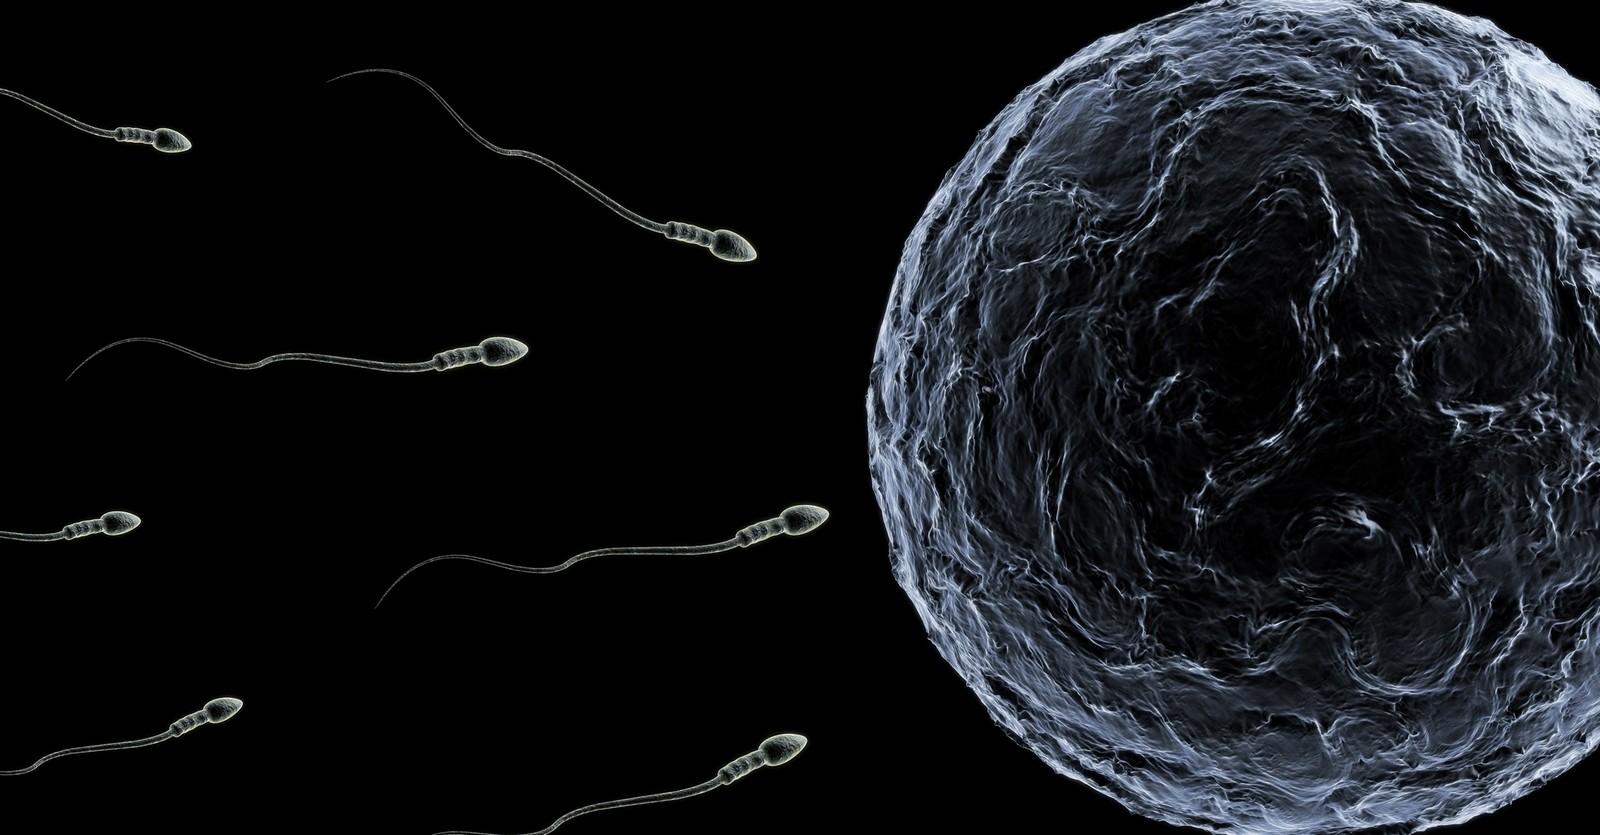 Porqué la Iglesia es Contraria a la Donación de Esperma y los Vientres de Alquiler